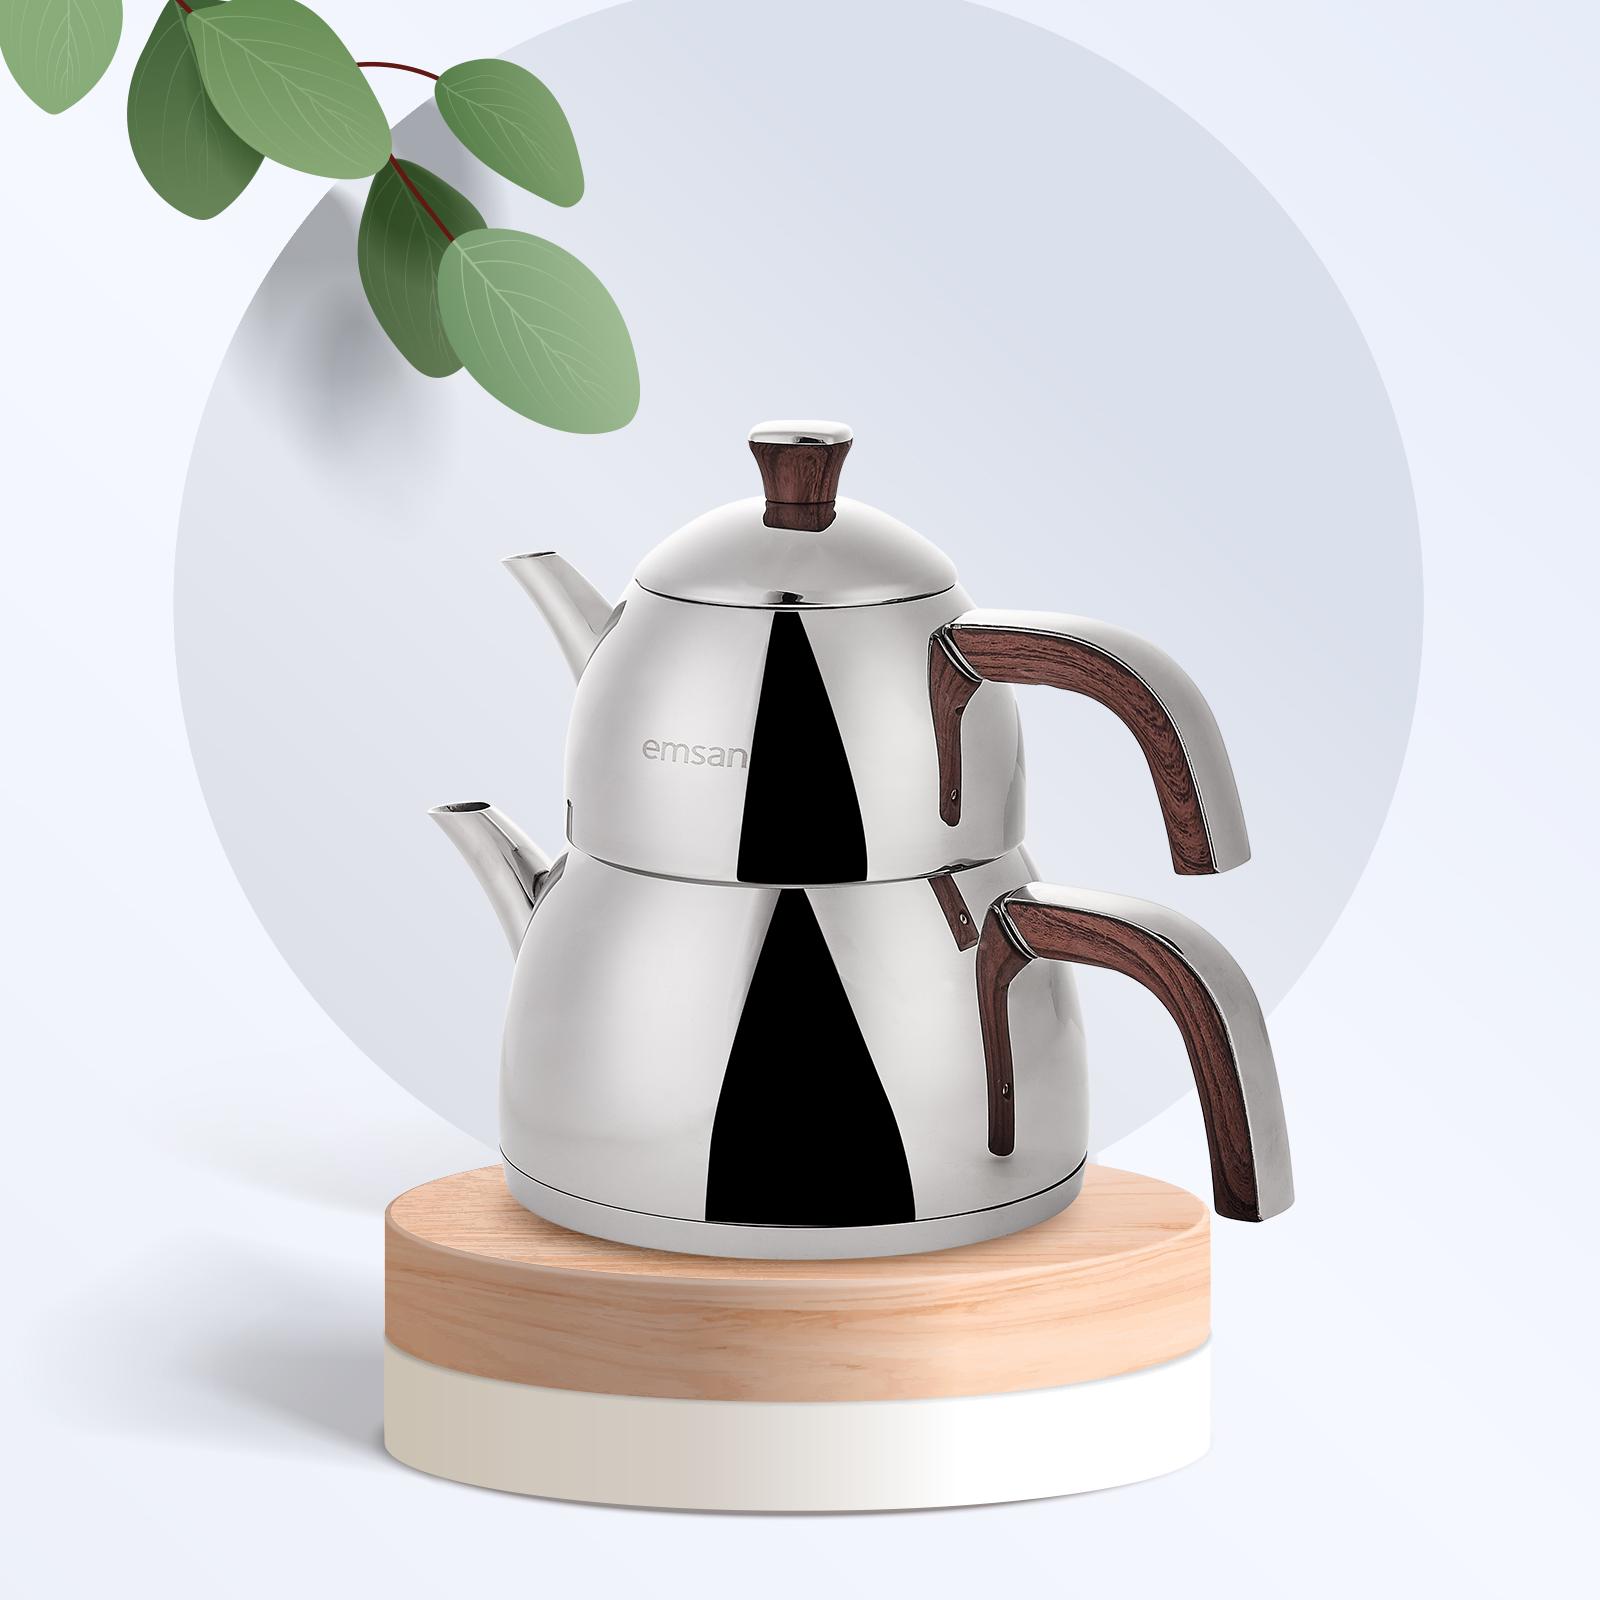 Emsan Yudum İndüksiyon Tabanlı Wood Çaydanlık Takımı